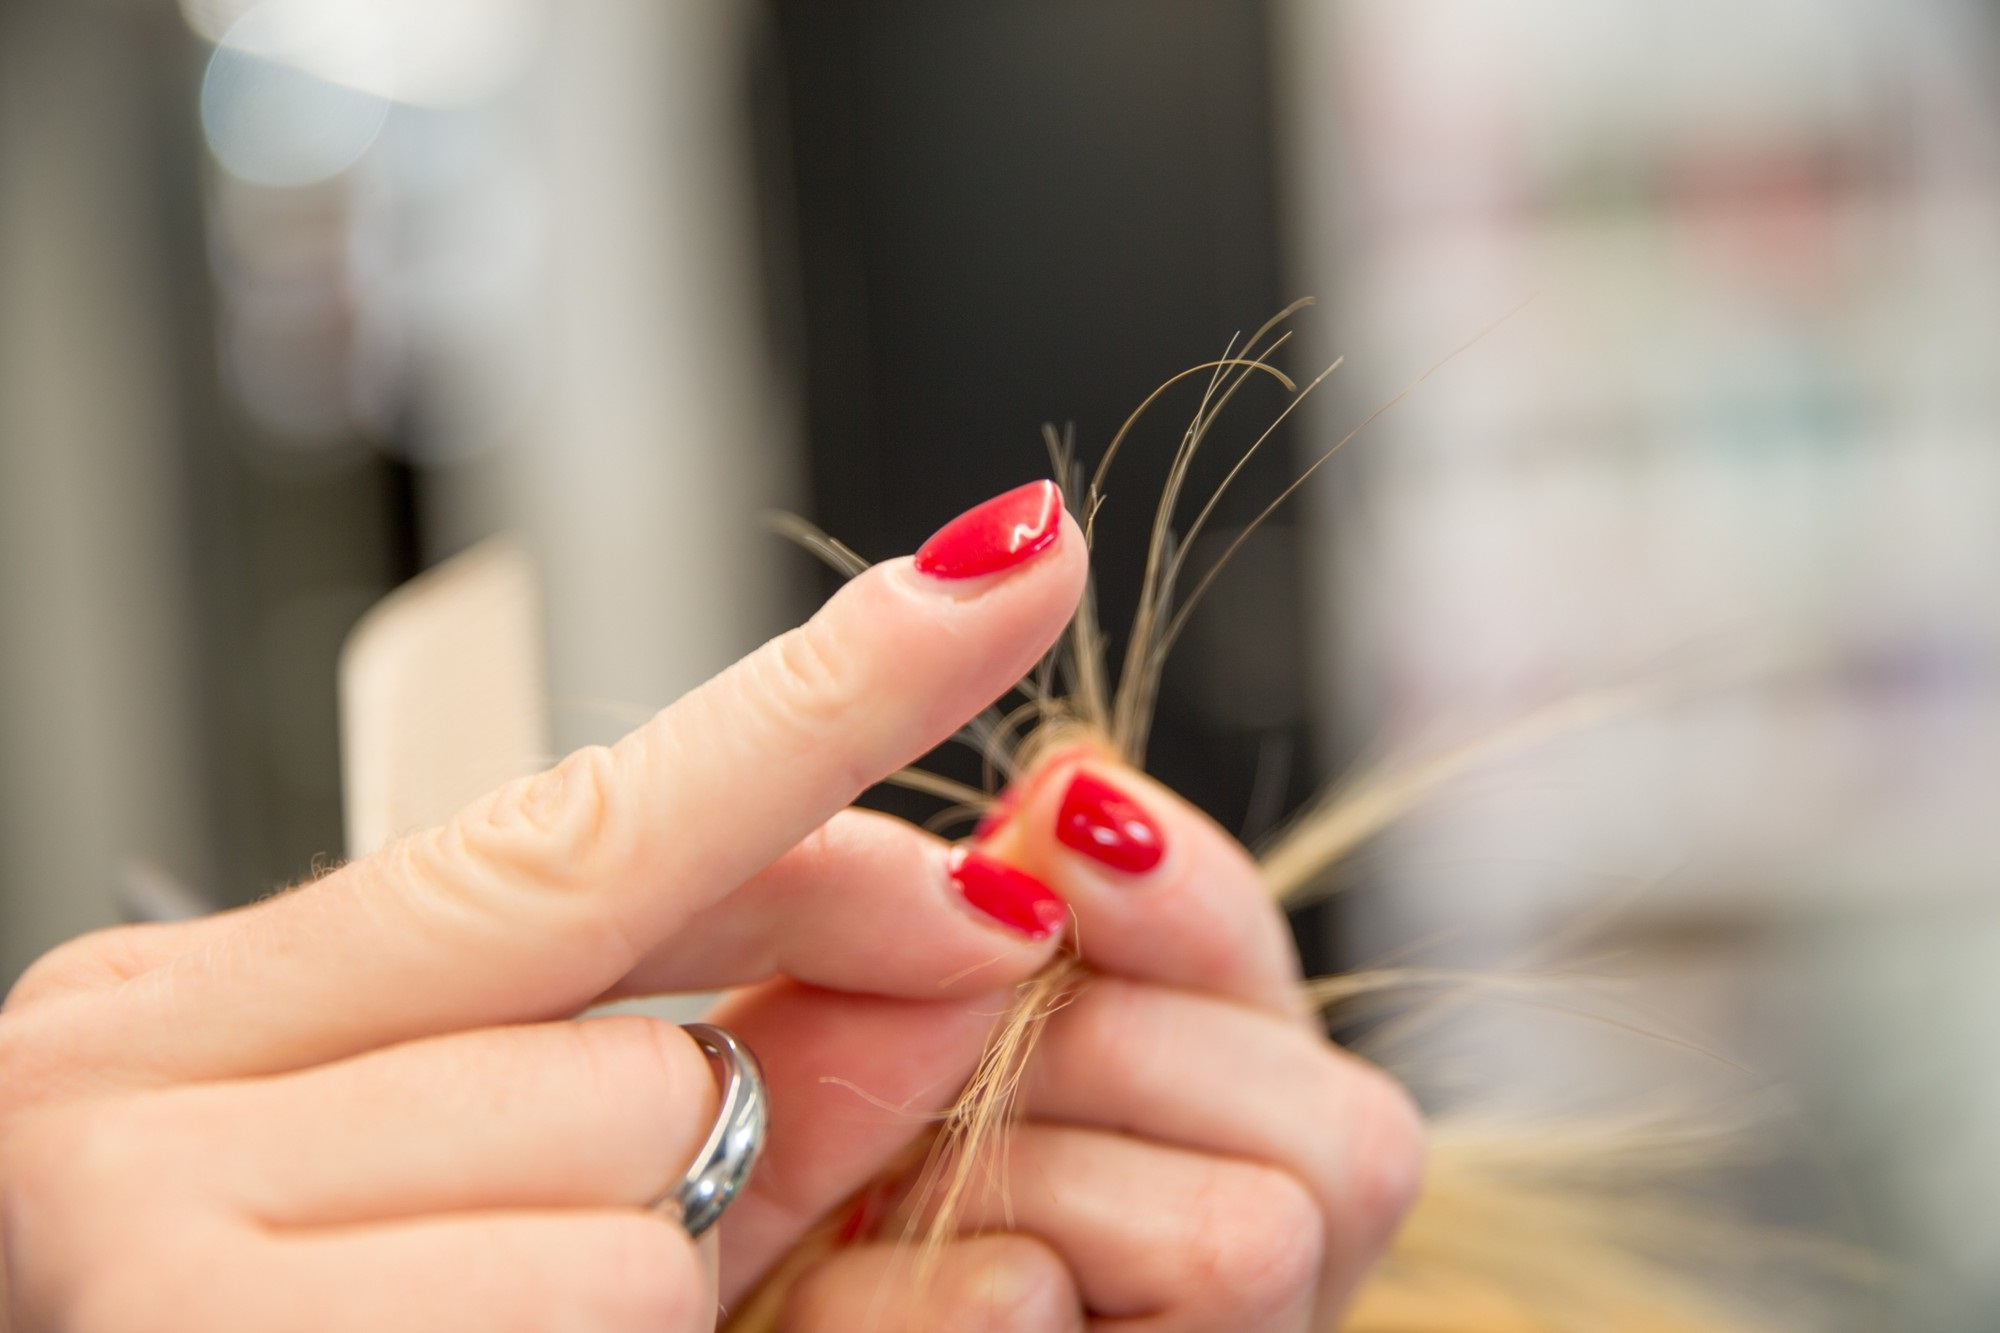 Mùa này tóc rất dễ chẻ ngọn nên hãy làm ngay những điều sau để có mái tóc đẹp - Ảnh 1